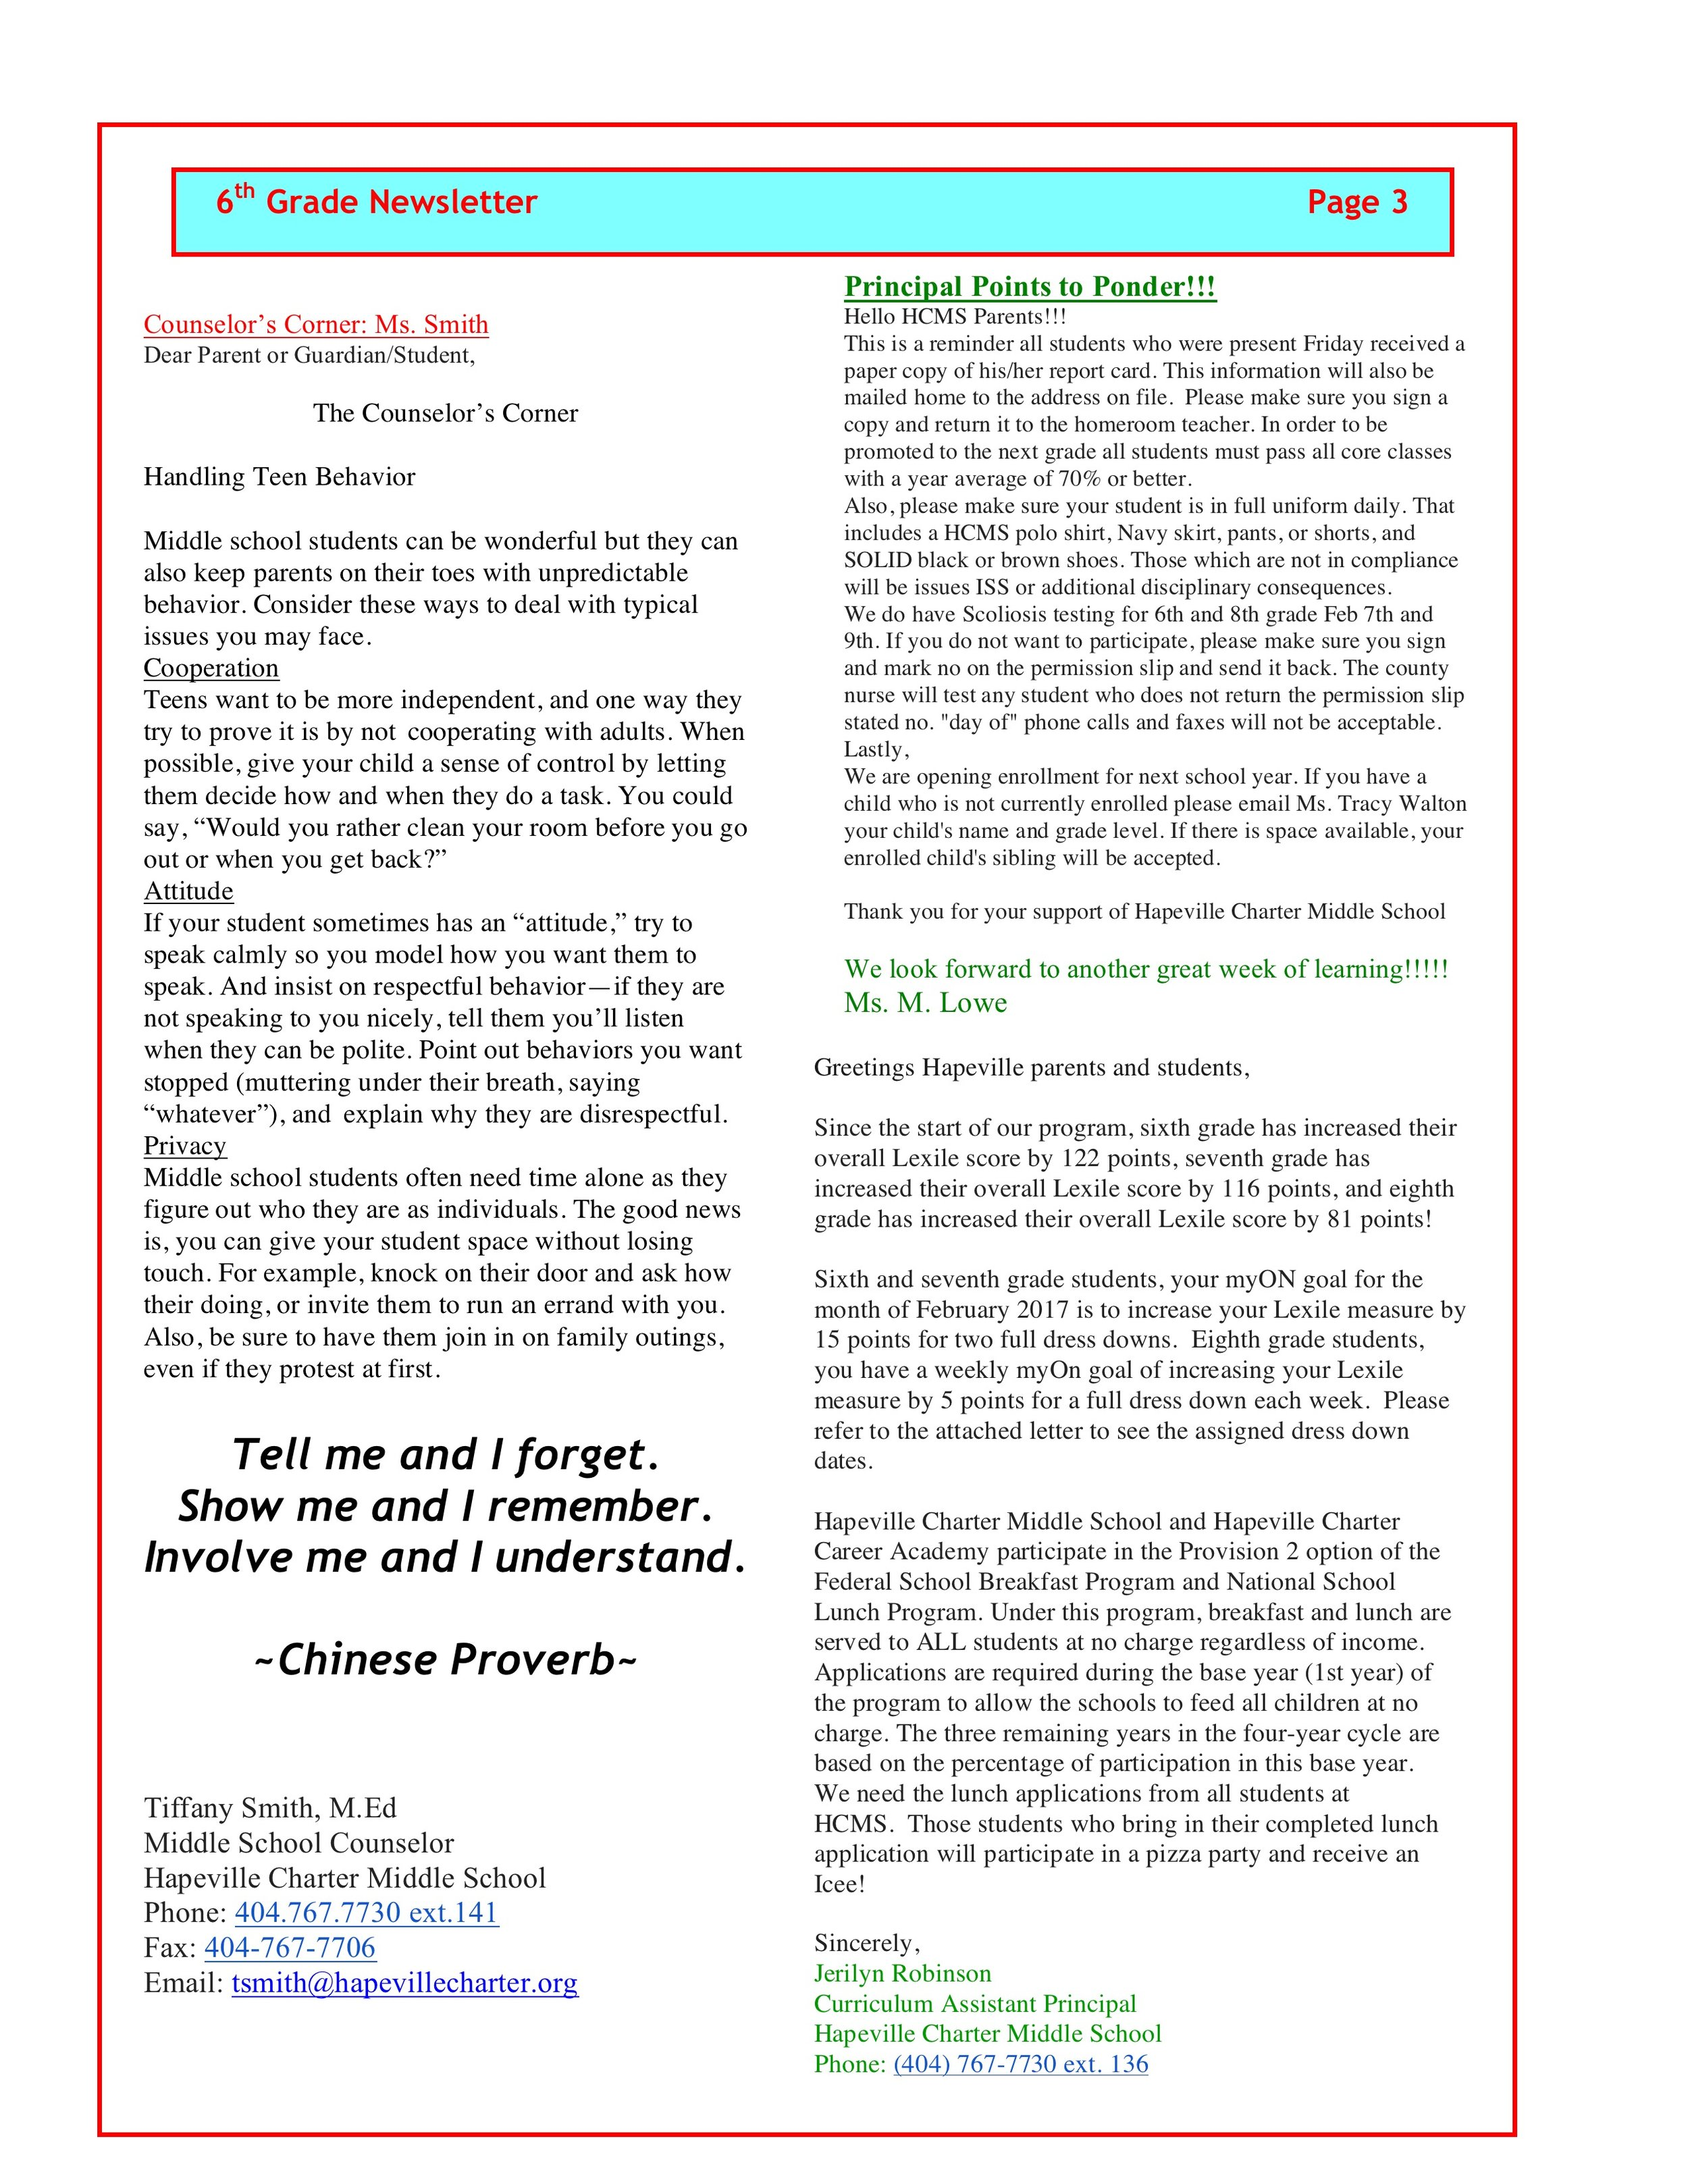 Newsletter Image6th Grade Newsletter 2-14 3.jpeg